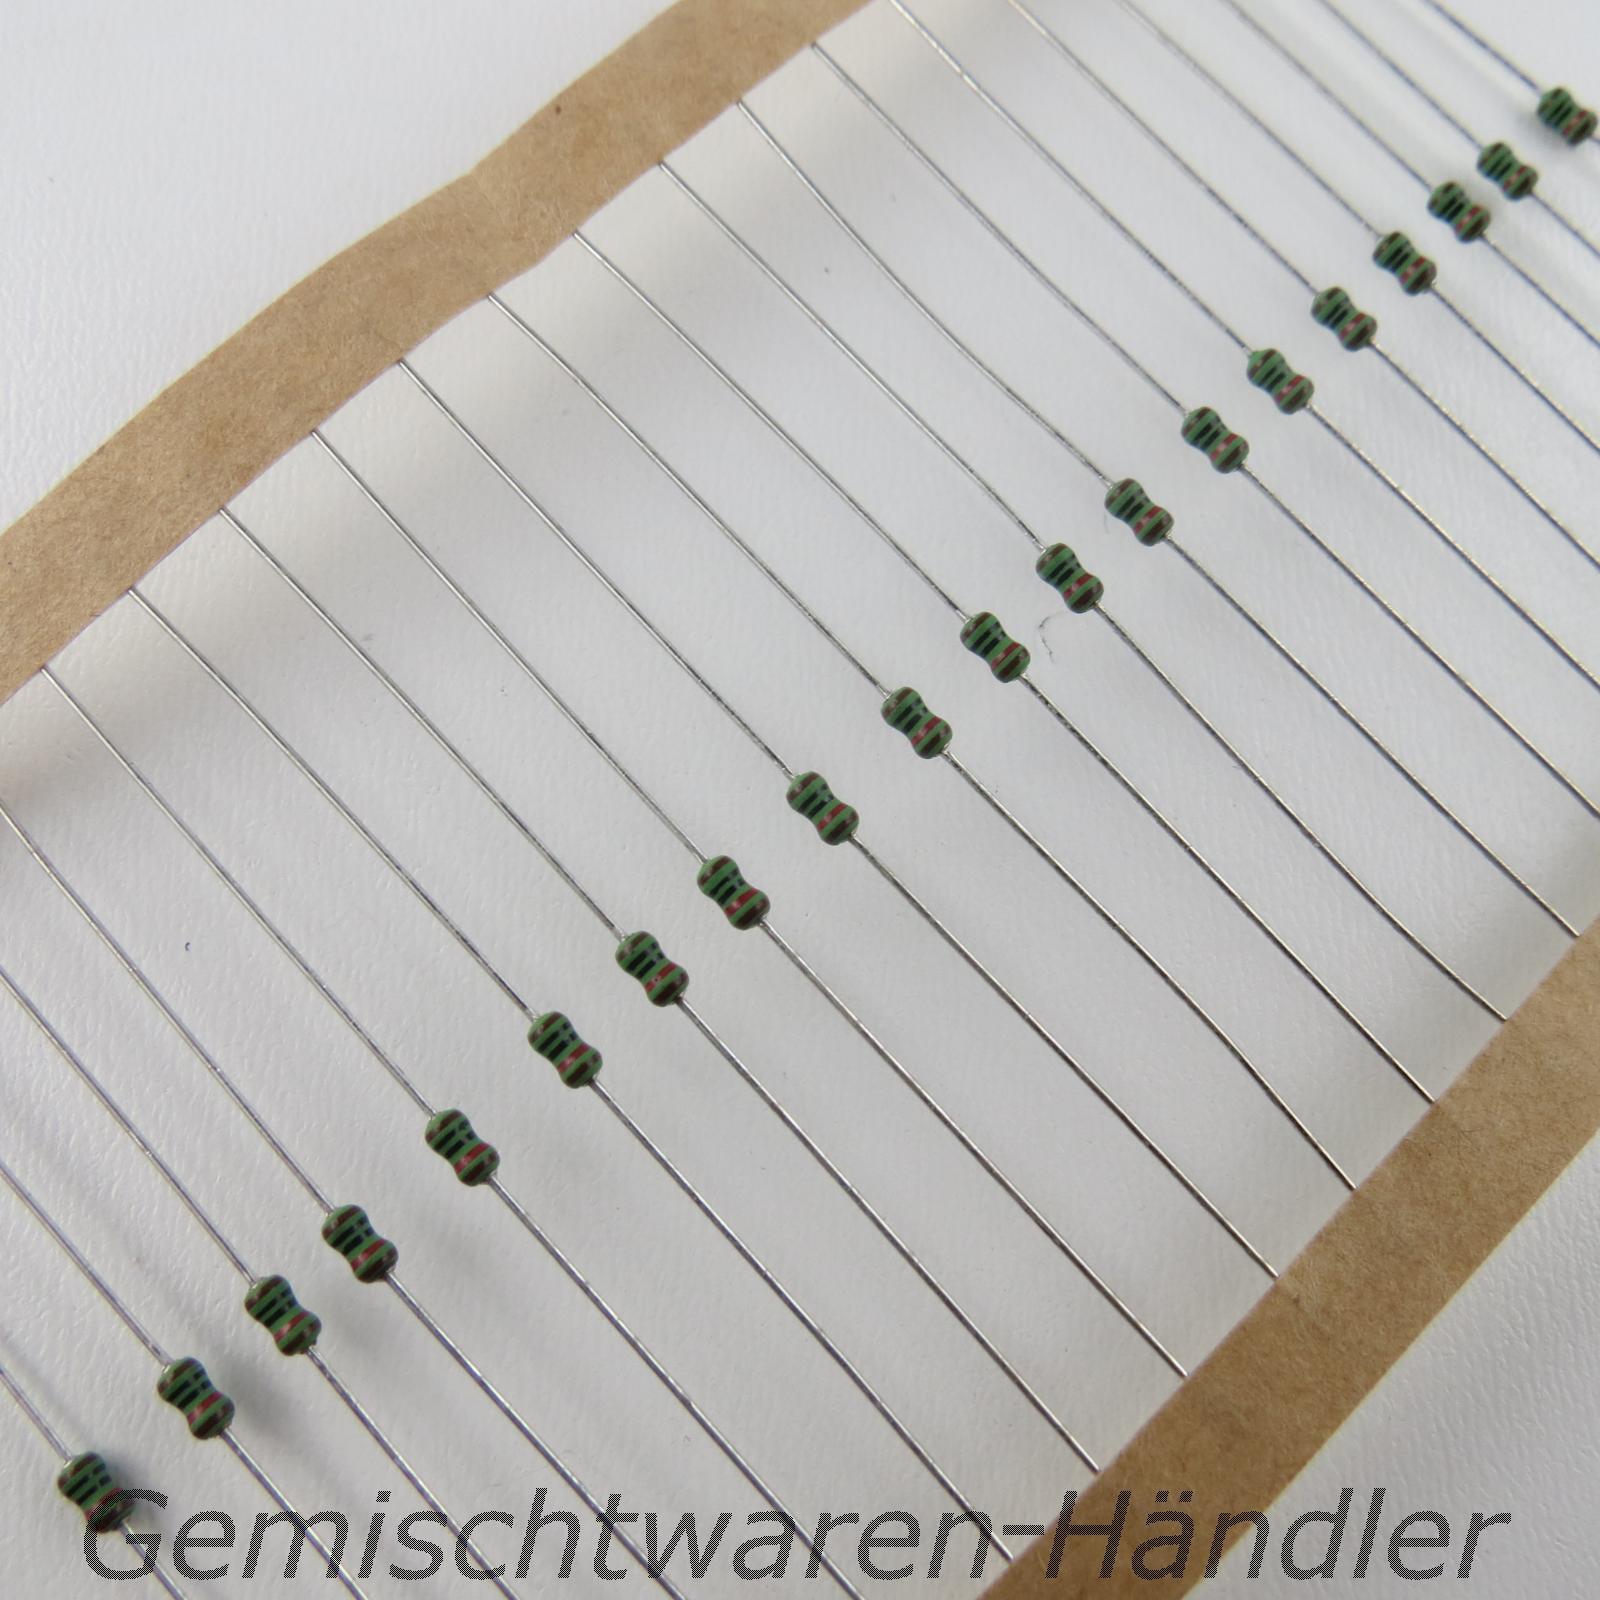 Widerstaende-Metallfilm-1K-Ohm-bis-10M-Ohm-1-0-4-W-0-25-1-4-Widerstand